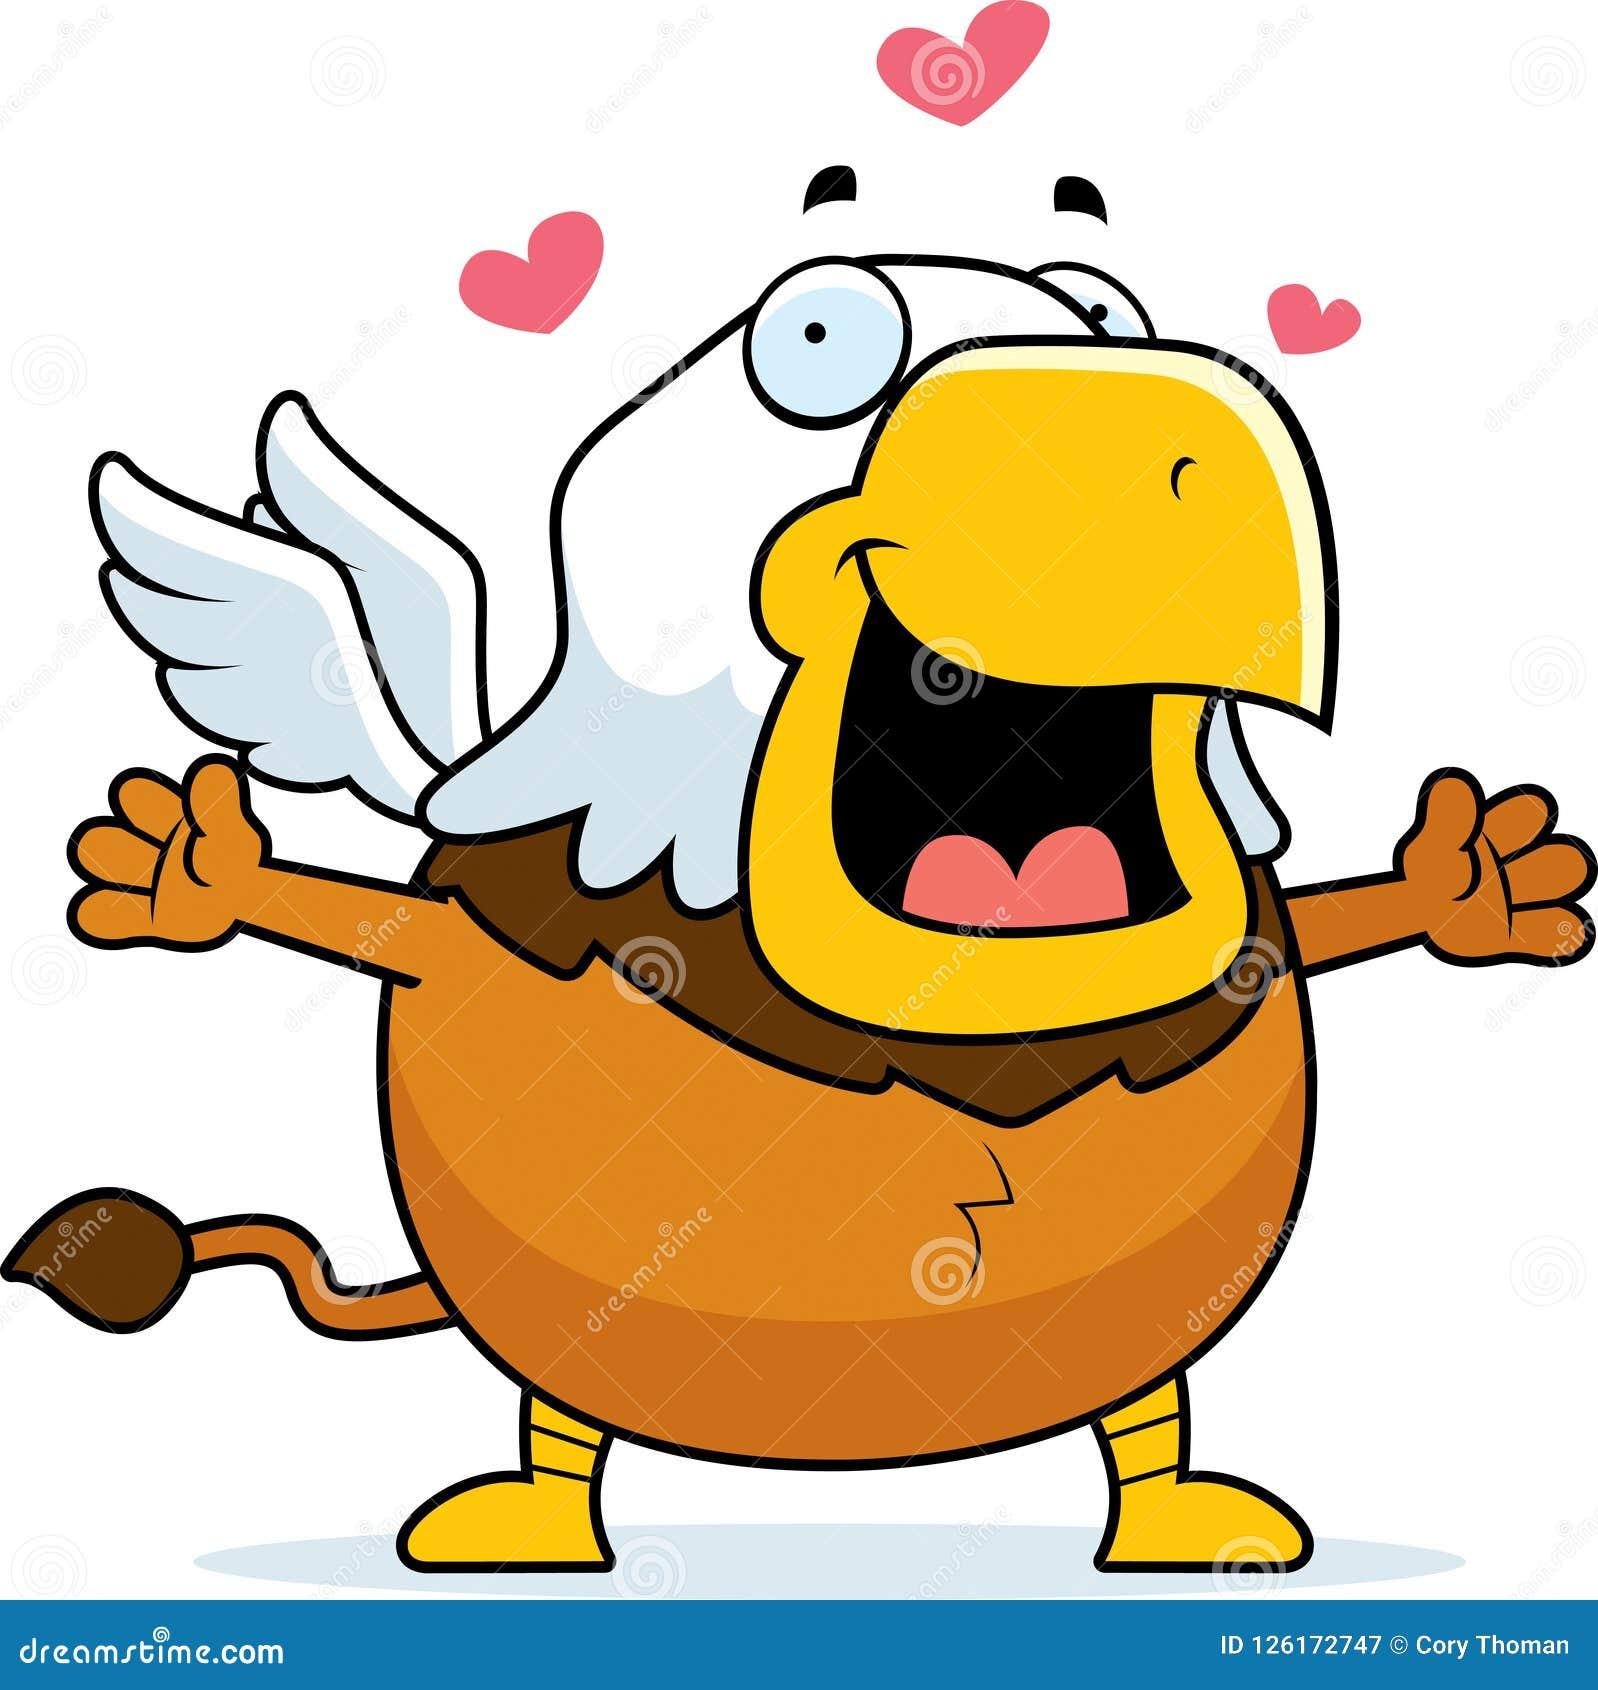 Cartoon Griffin Hug